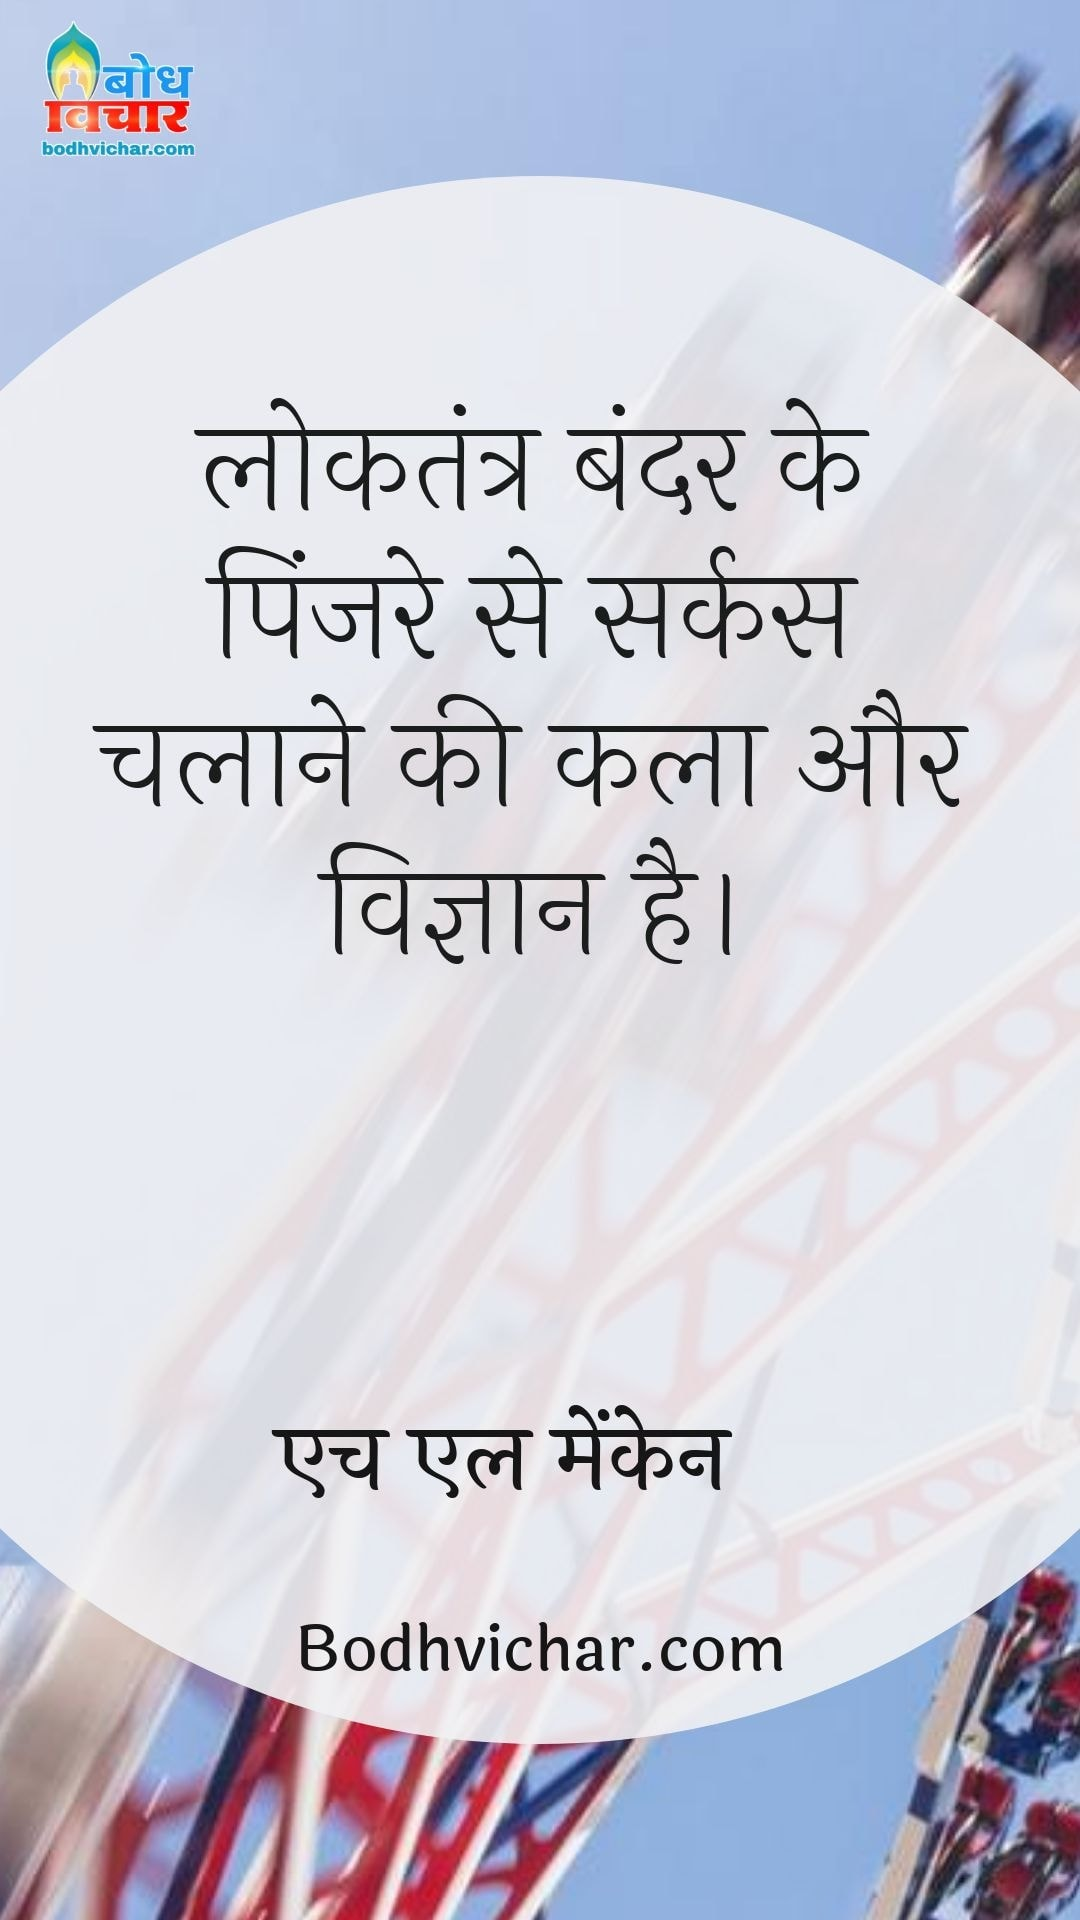 लोकतंत्र बंदर के पिंजरे से सर्कस चलाने की कला और विज्ञान है। : Loktantra bandar ke pinjare se circus chalane ki kala aur vigyan hai - एच एल मेंकेन